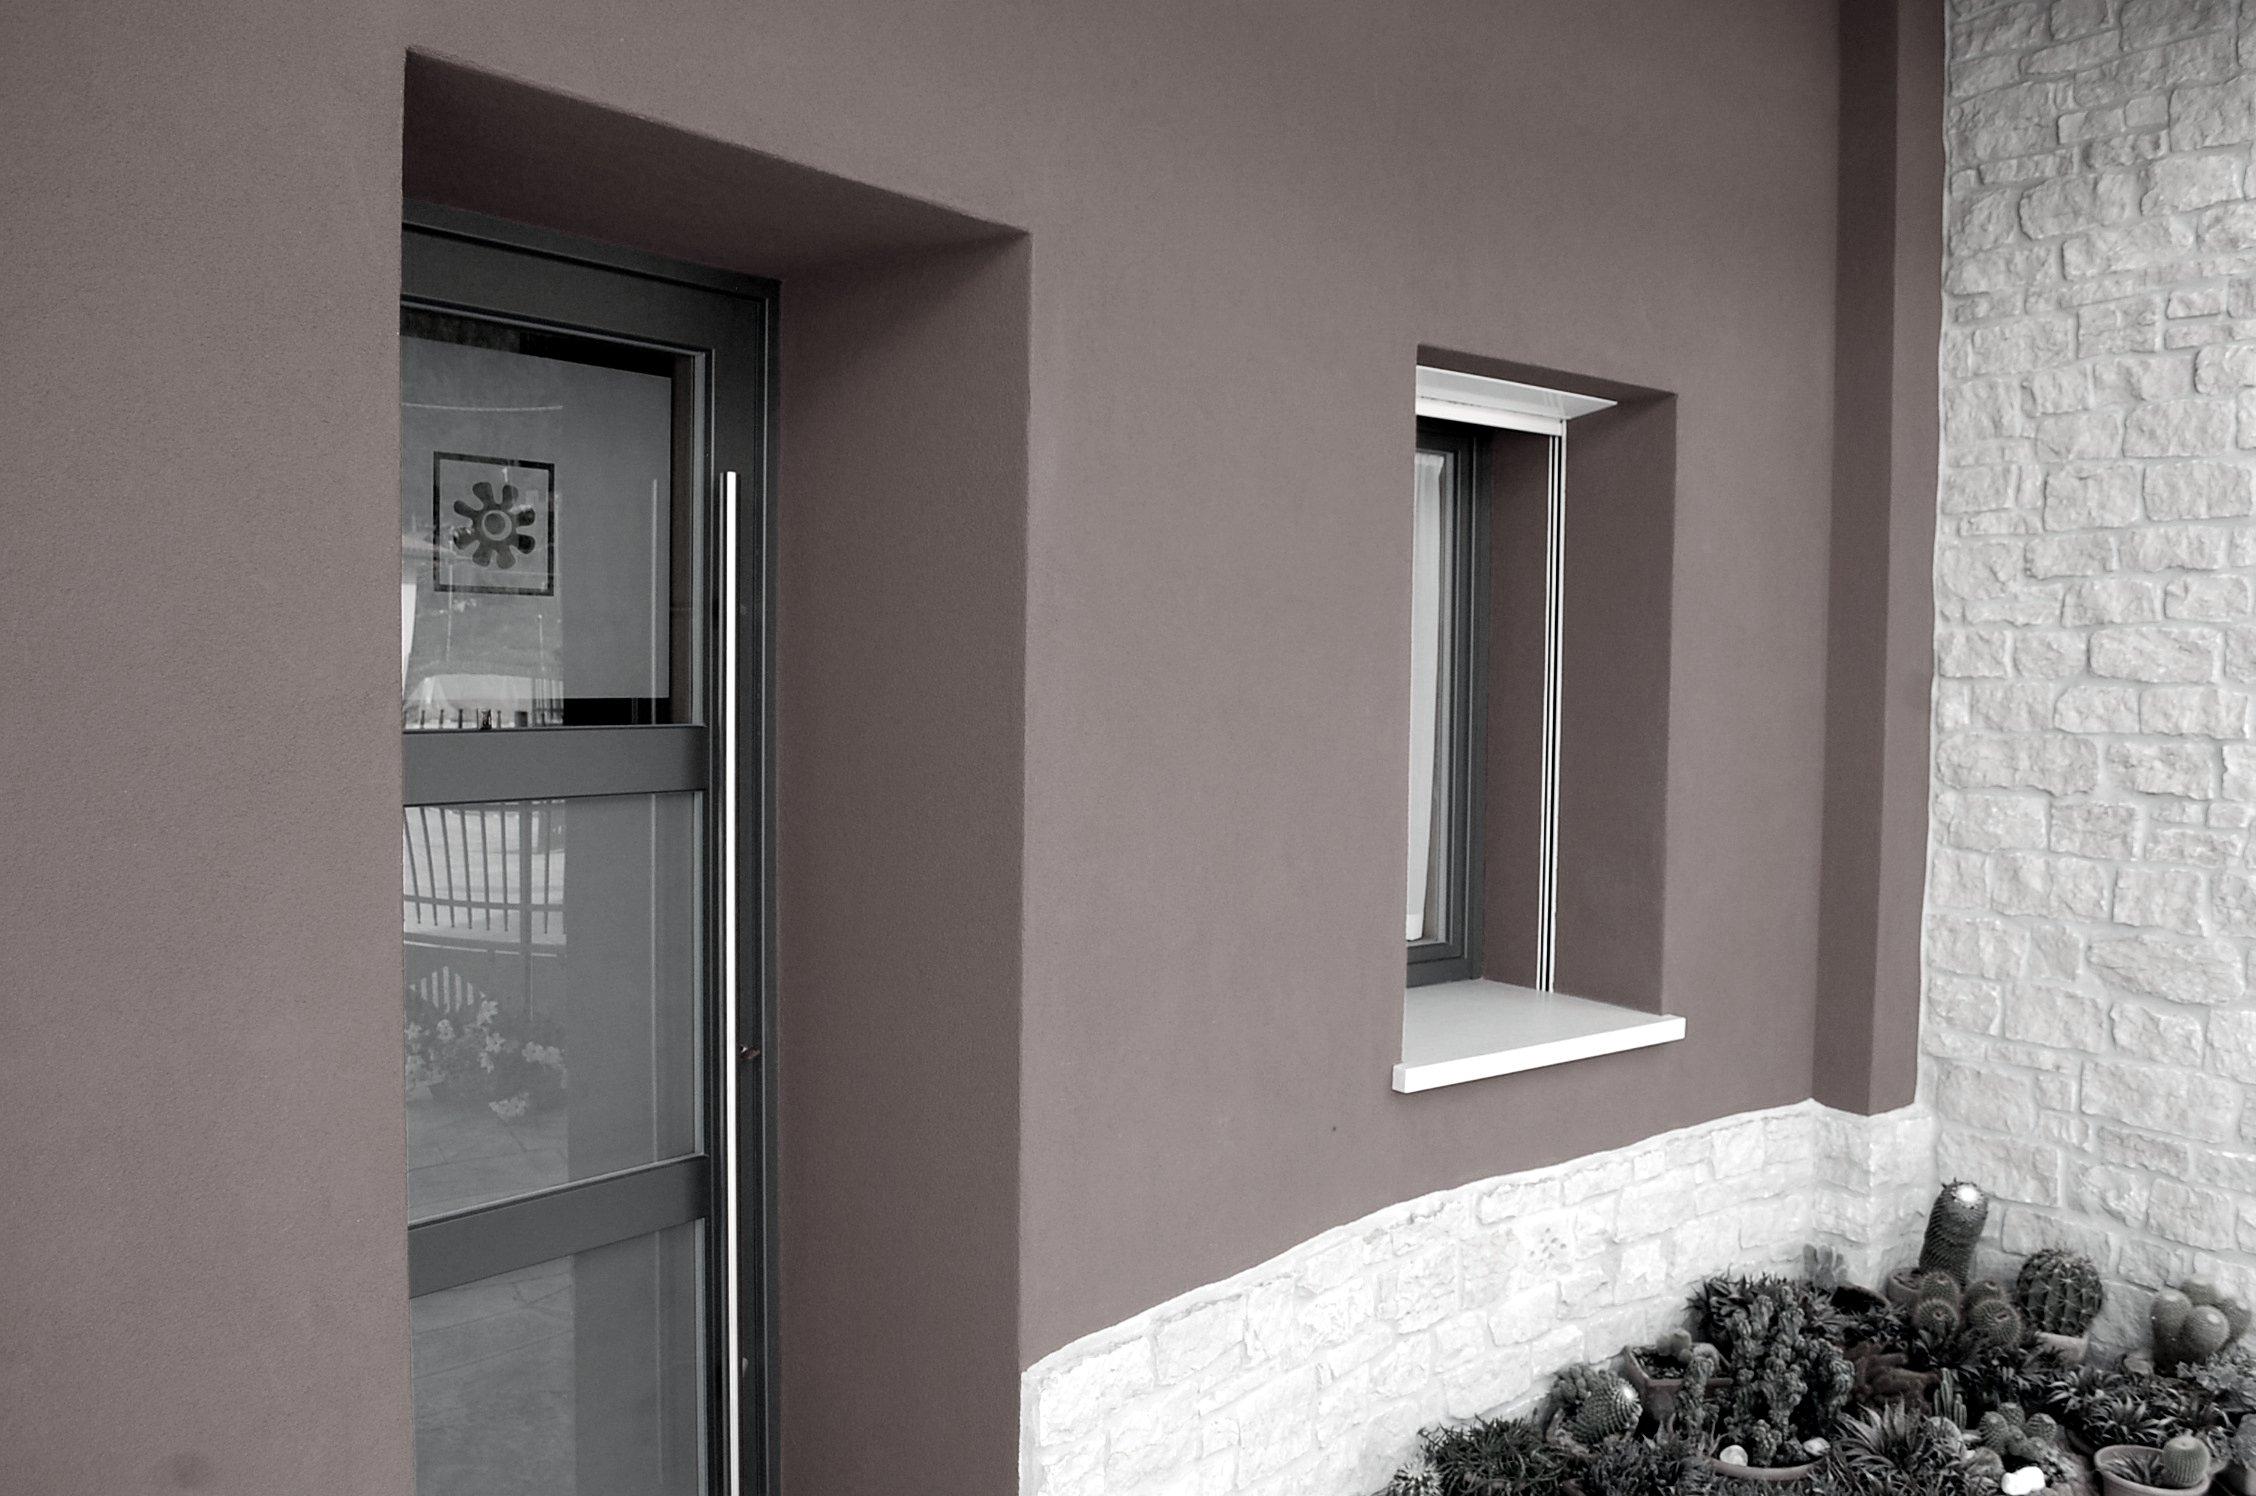 falegnameria-cortese-produzione-serramenti-in-legno-e-alluminio-conco-altopiano-asiago-bassano-marostica-thiene-provincia-vicenza-veneto-italia